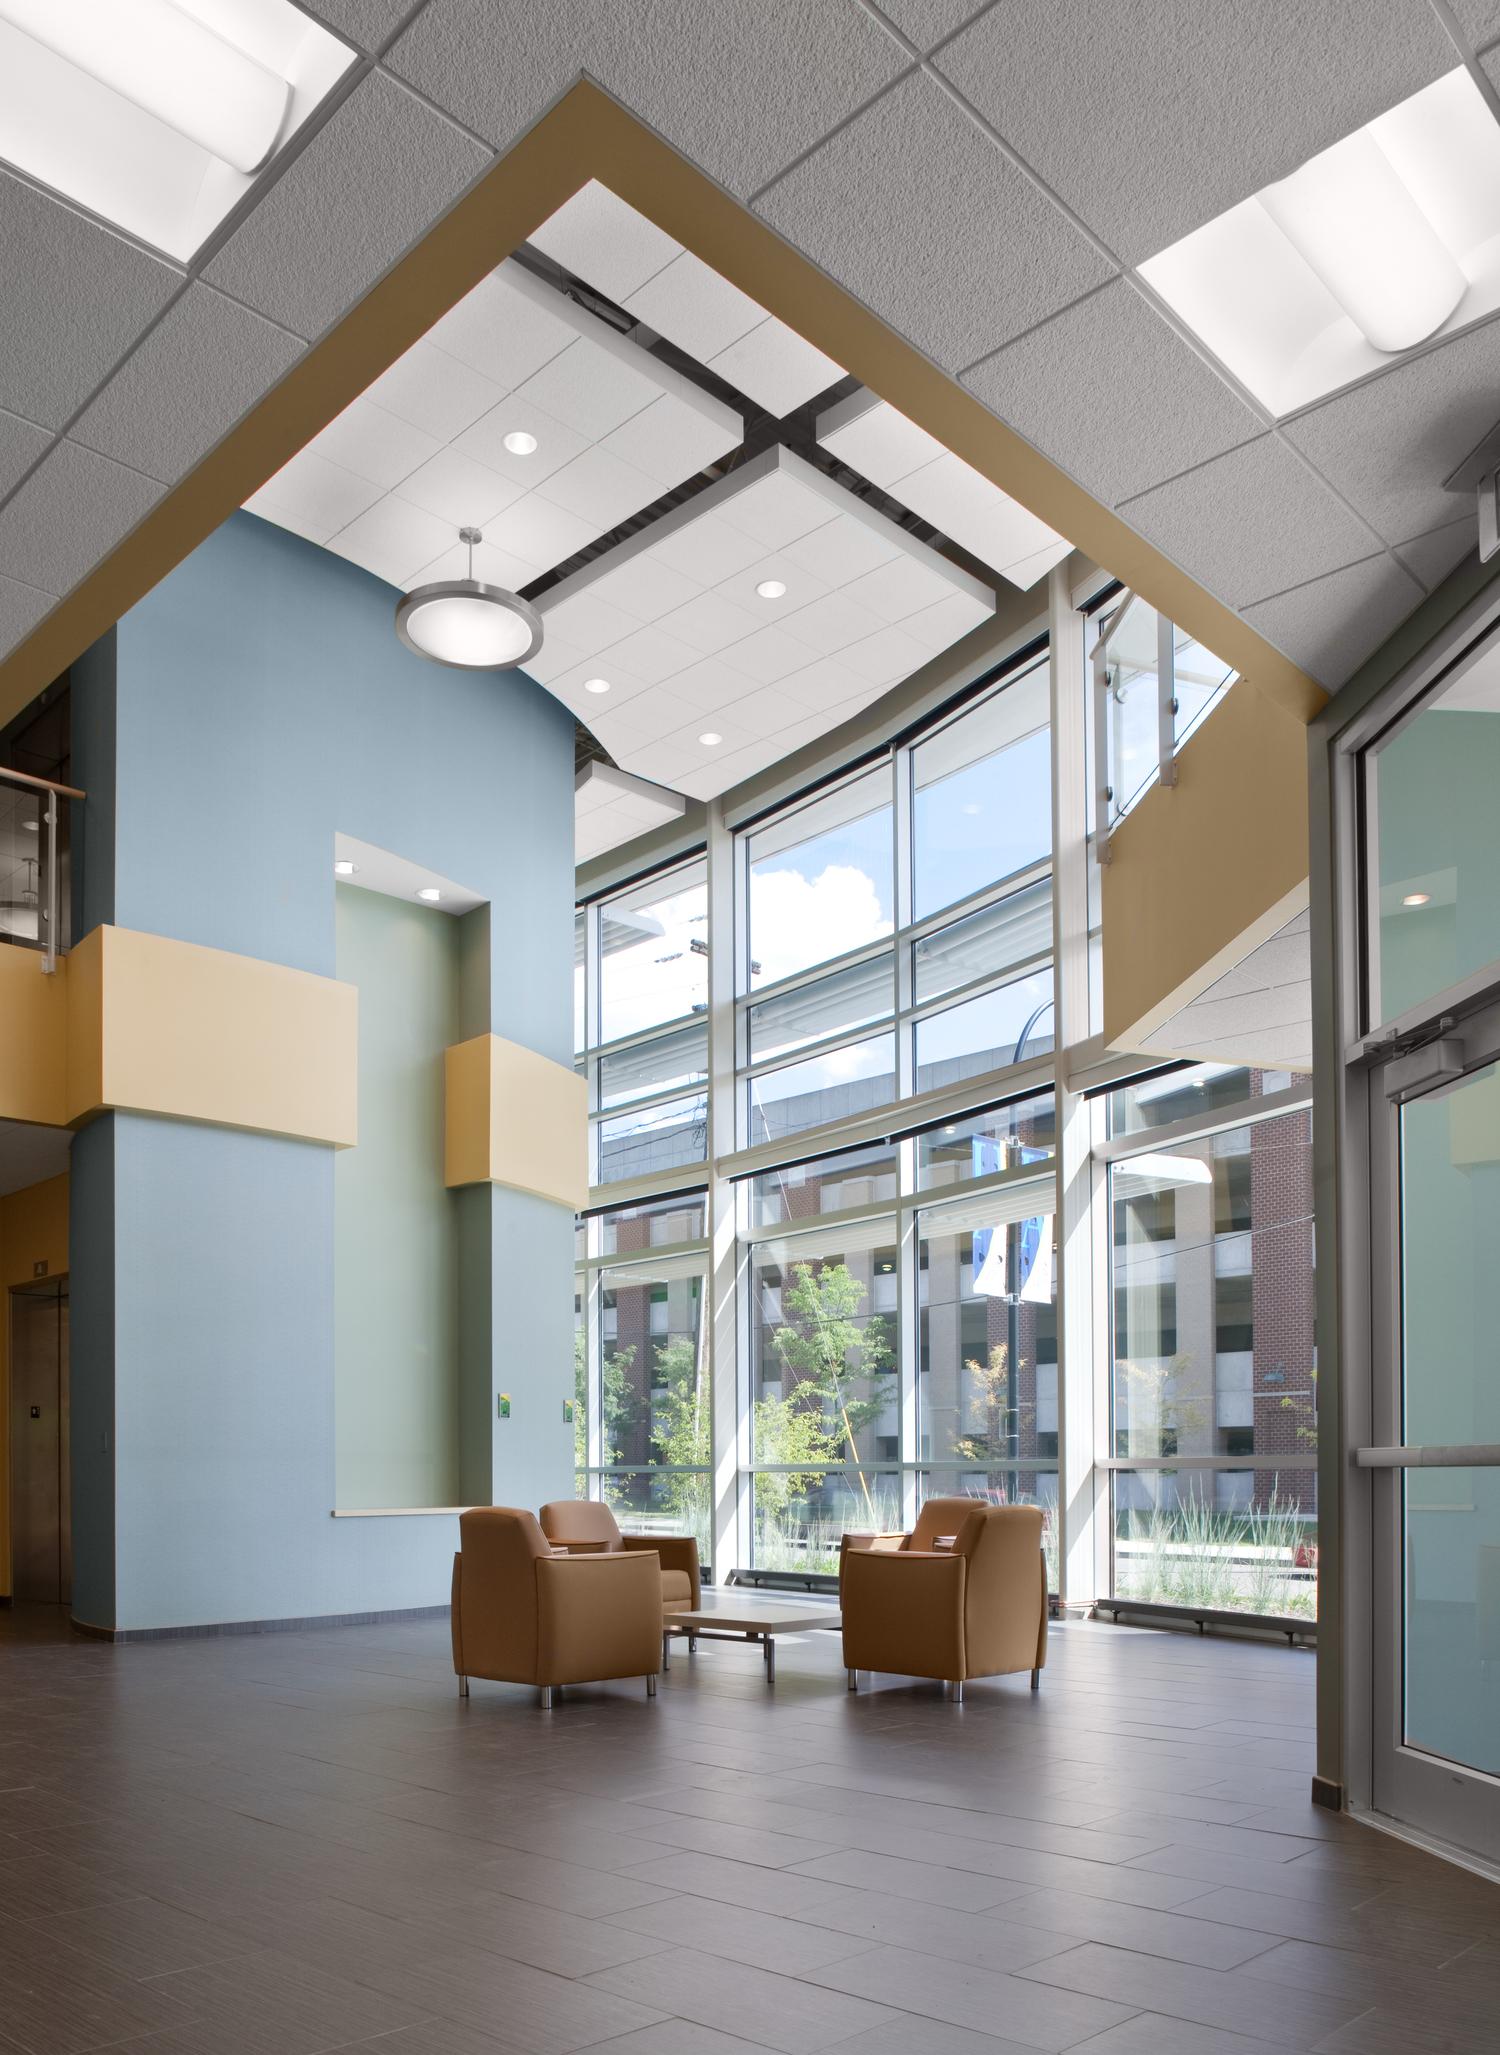 schumacher designs interior environments